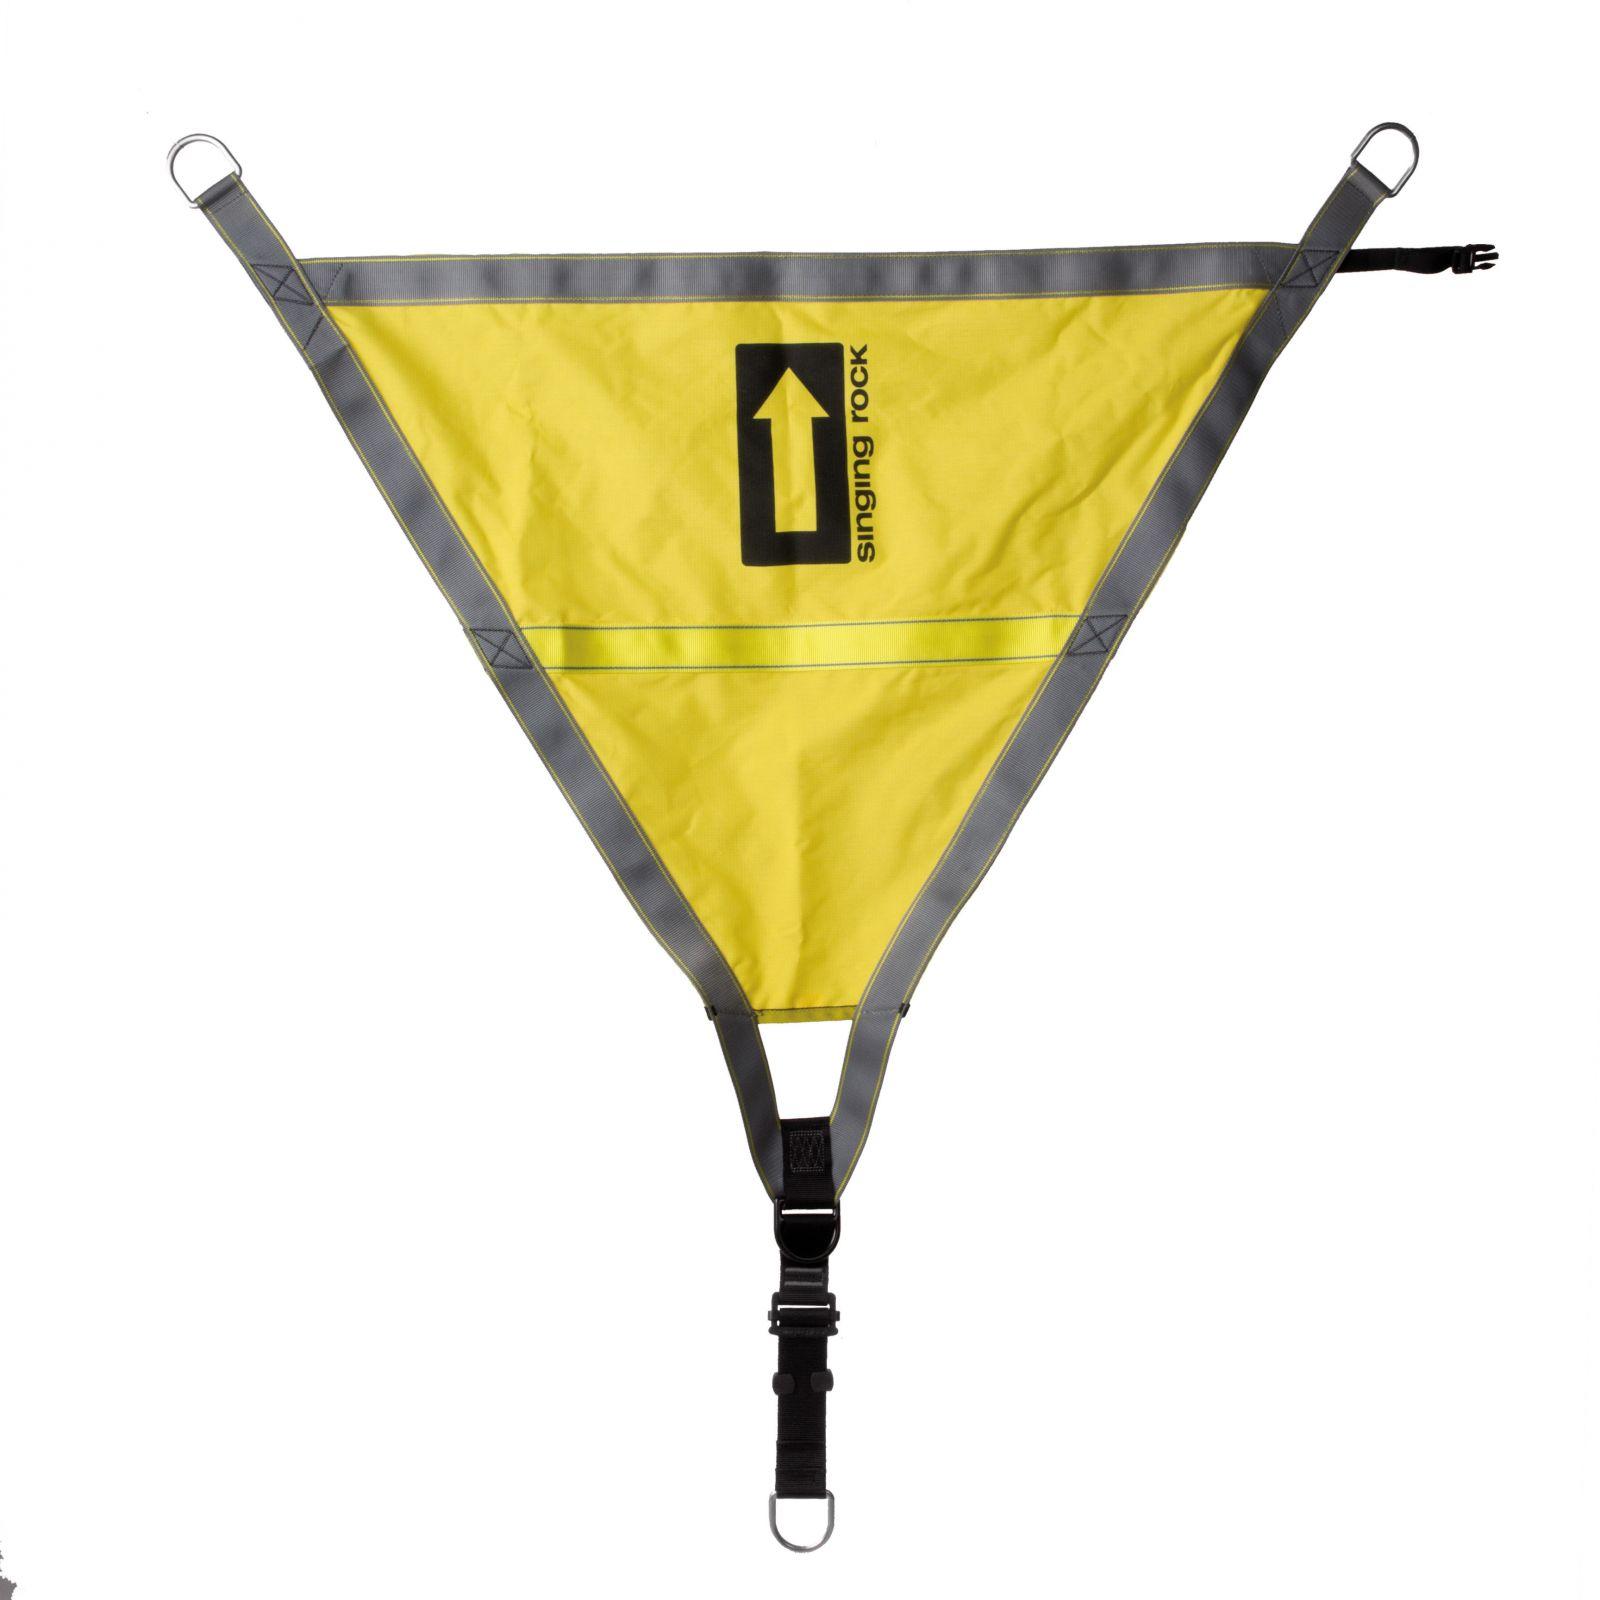 záchranářský postroj trojúhelník SIT II Singing rock